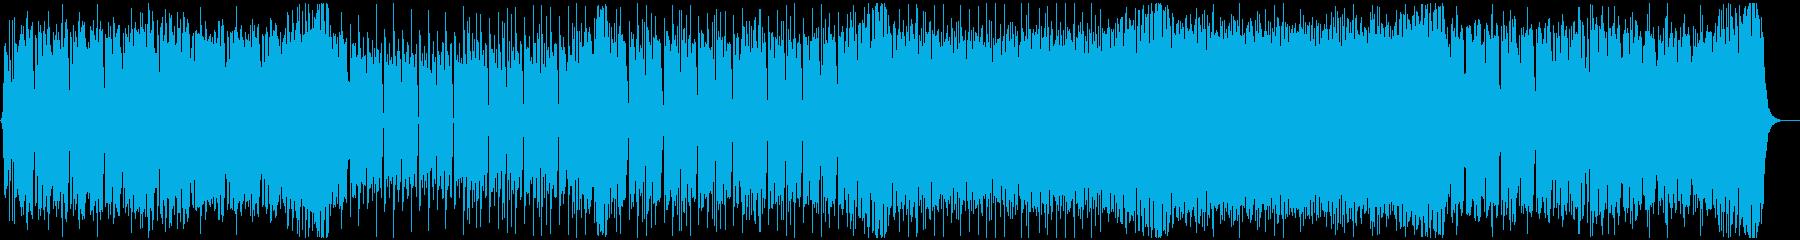 夏にテンション上がるEDM 声無しの再生済みの波形